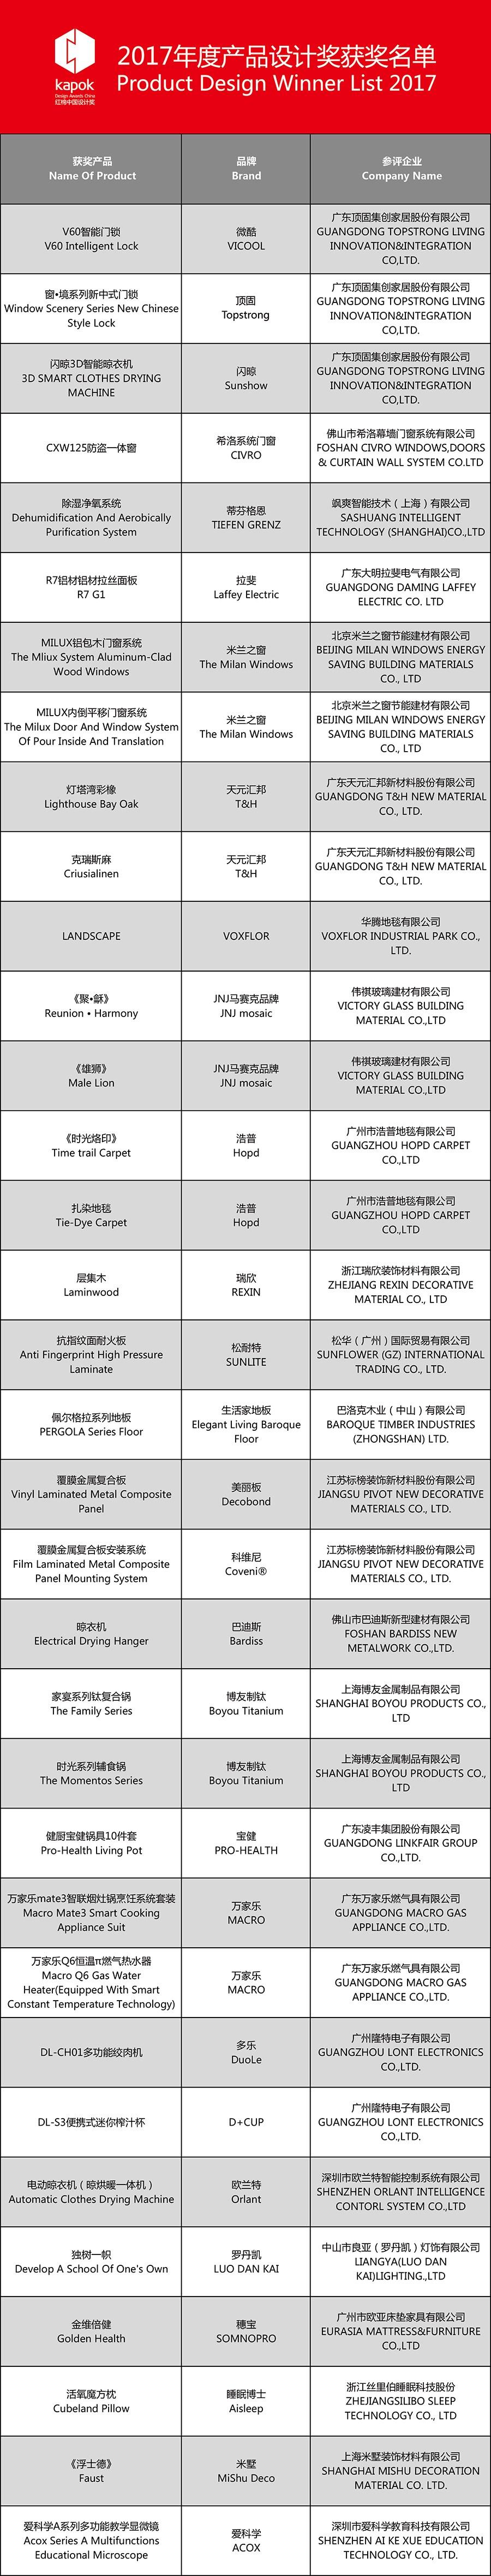 2017骞村害浜у搧璁捐濂?鑾峰鍚嶅崟-03.jpg